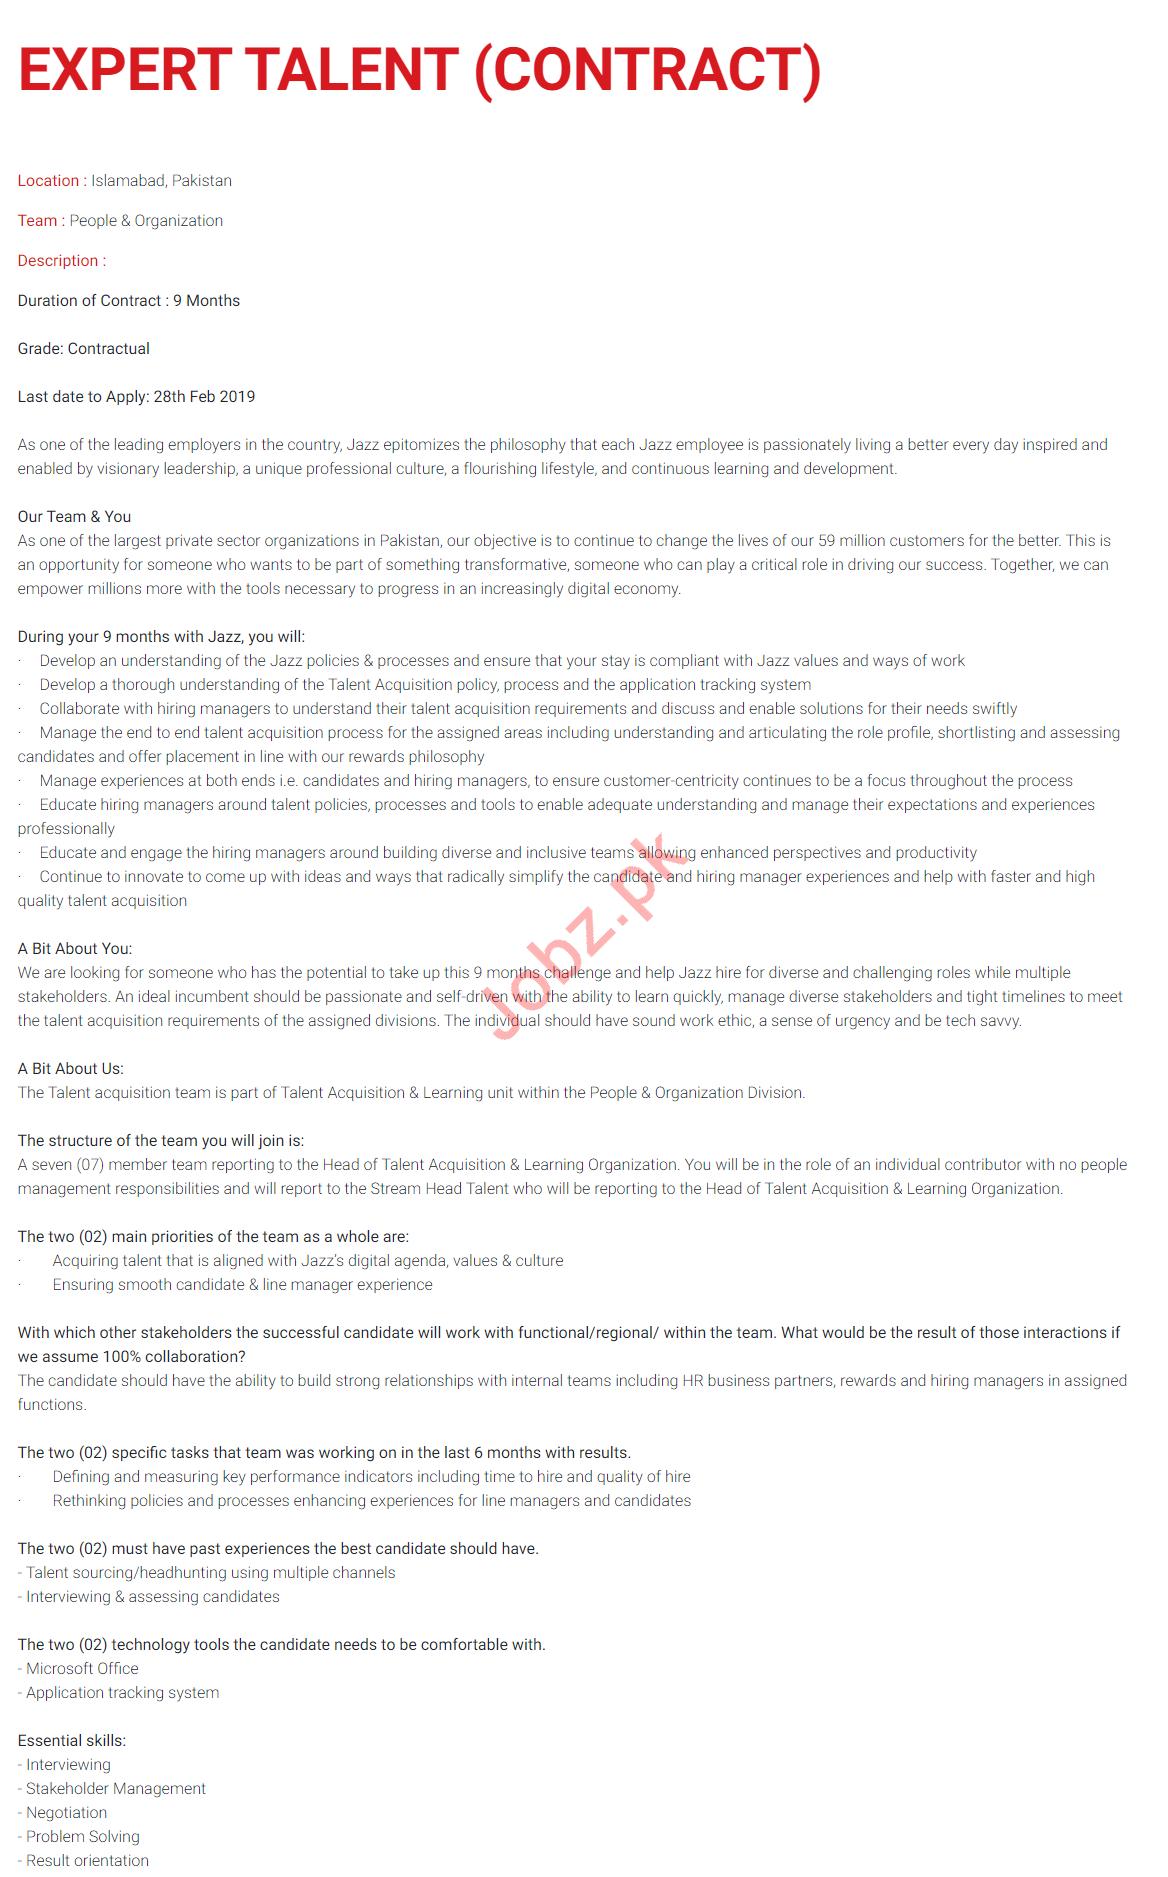 Jazz Telecom Jobs 2020 for Expert Talent